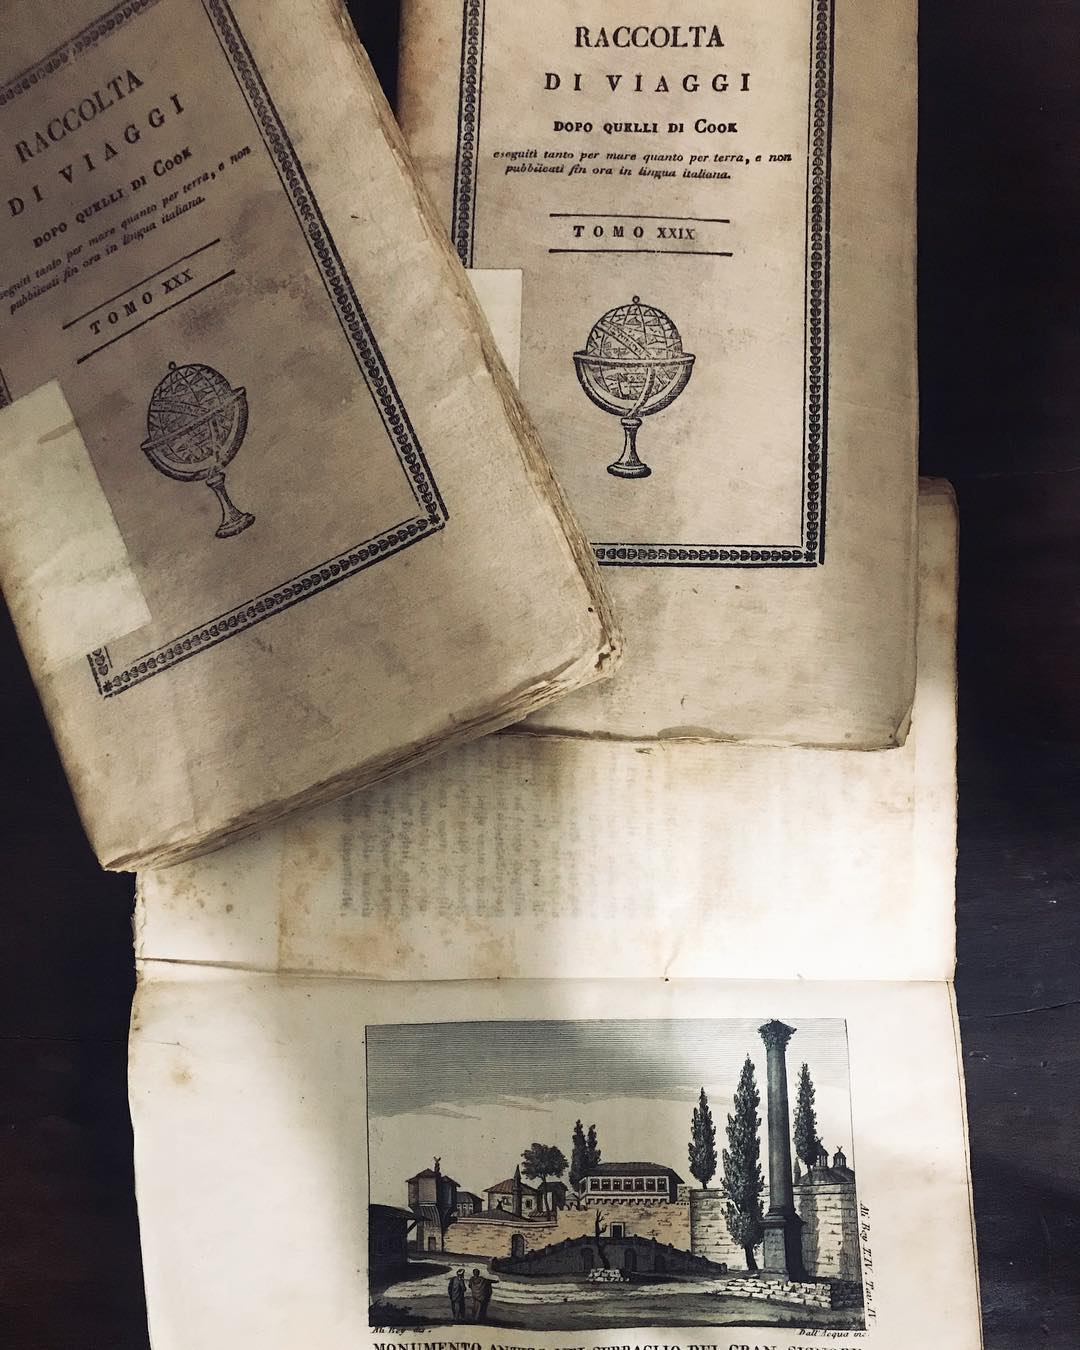 Martina Trevisan, 31 anni, ha aperto la libreria Zucherman: più di 40 mila libri, cartoline e pubblicità originali d'epoca, vecchi vinili e nuove scoperte